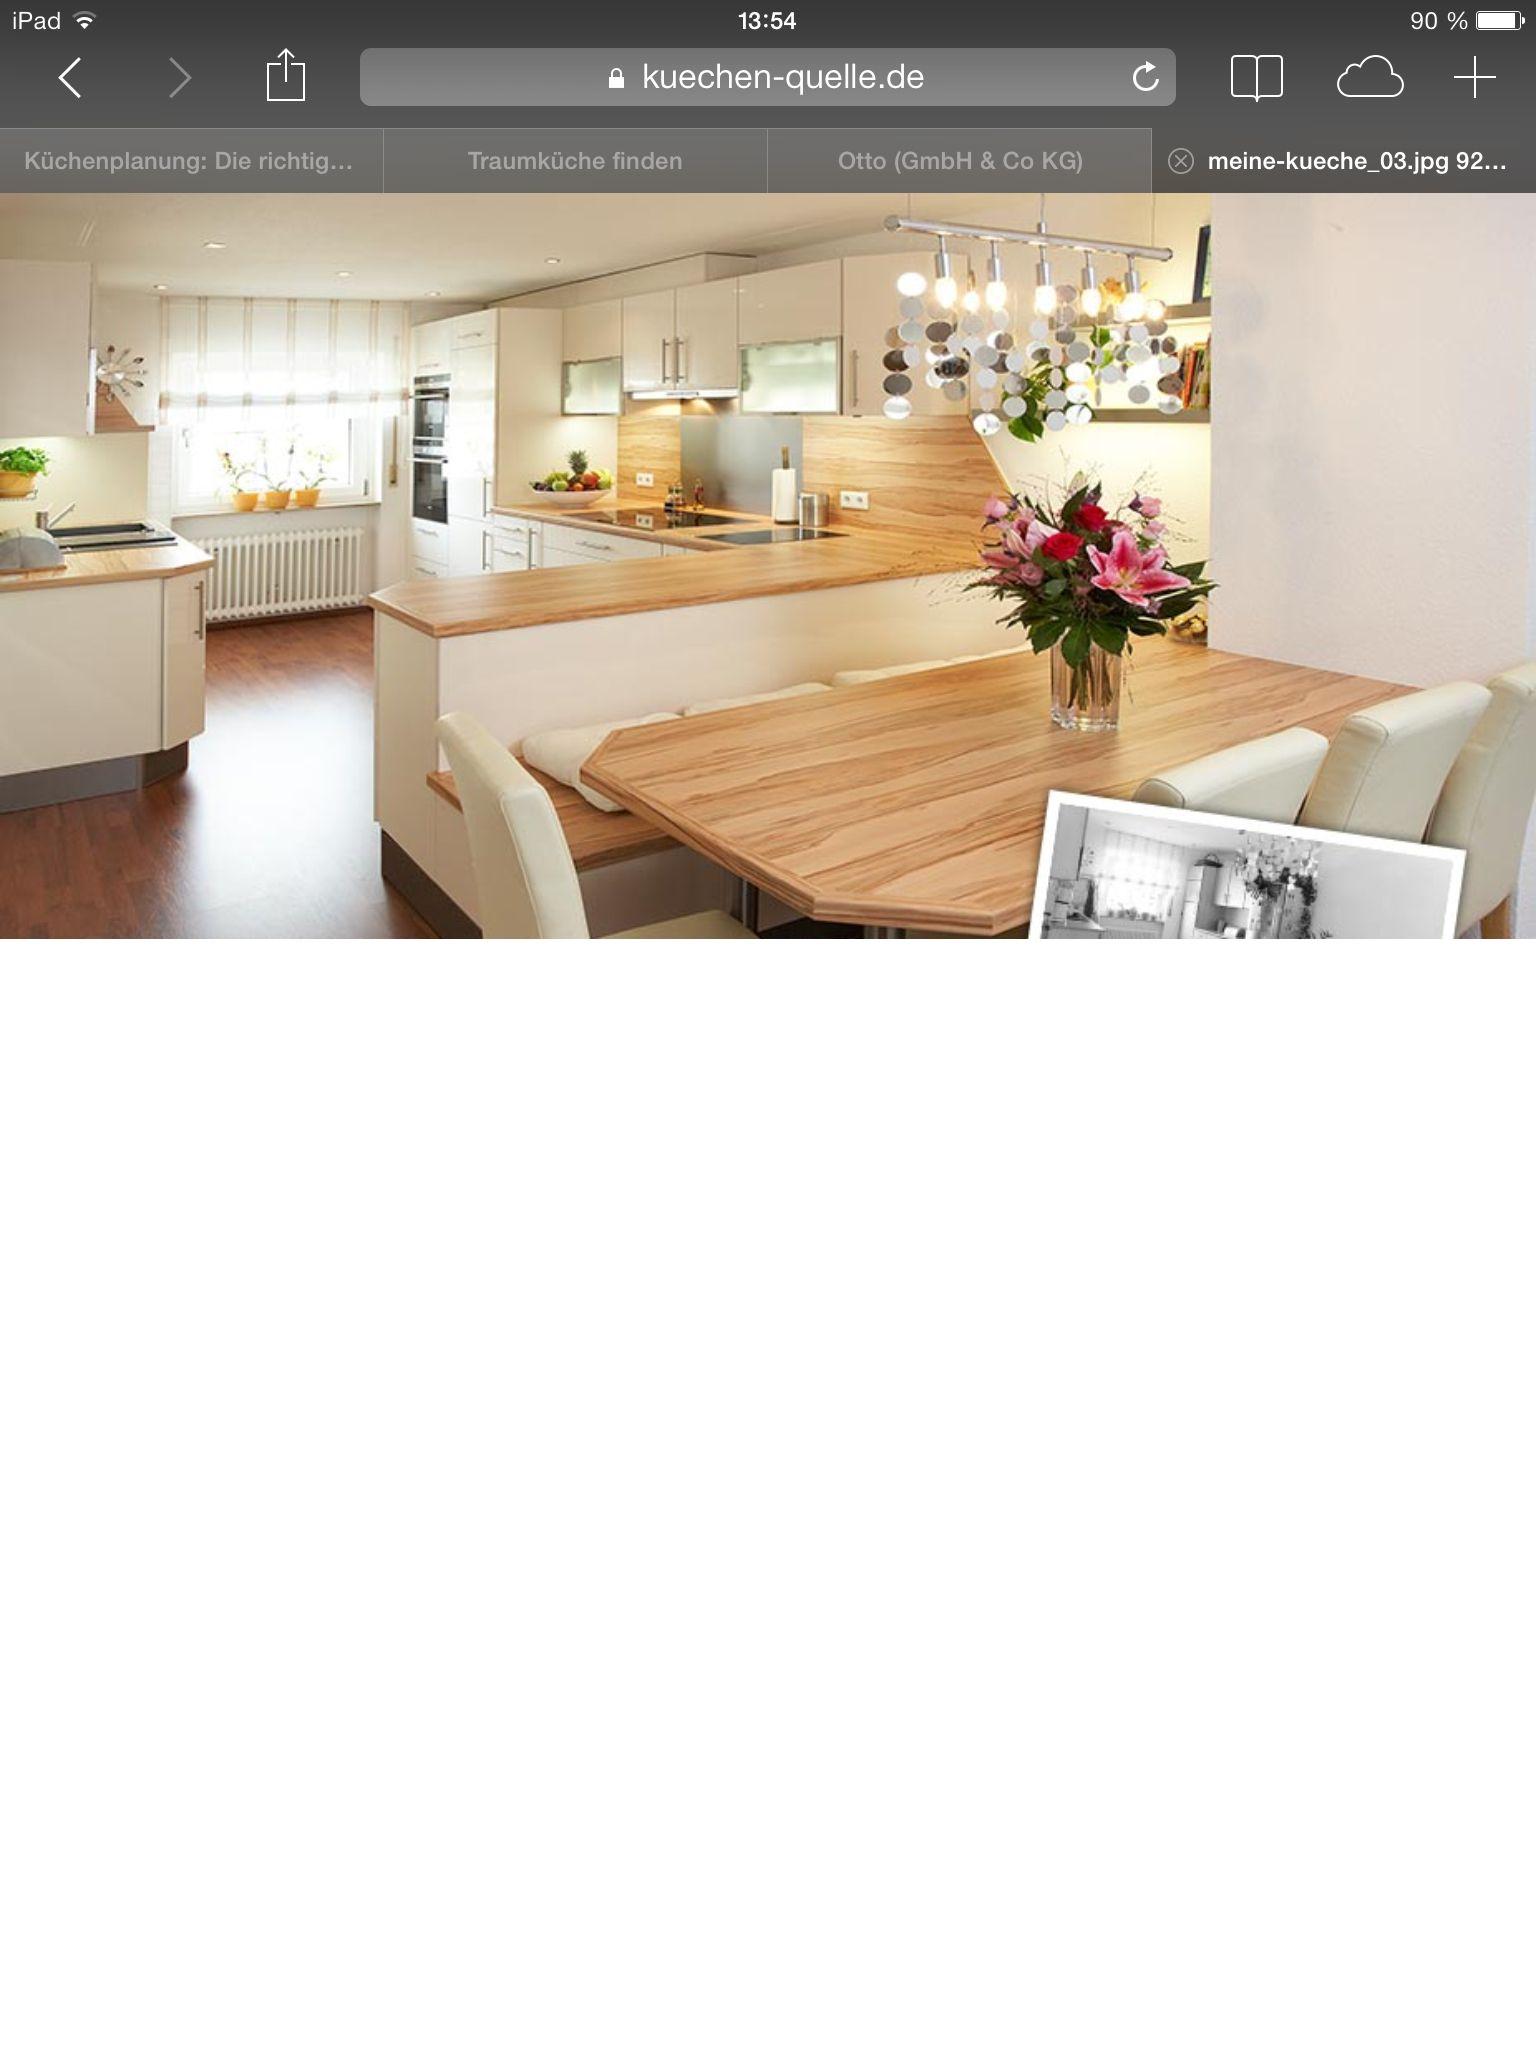 Tolle Beste Farbe Eine Küche Mit Ahorn Schränke Zu Malen ...